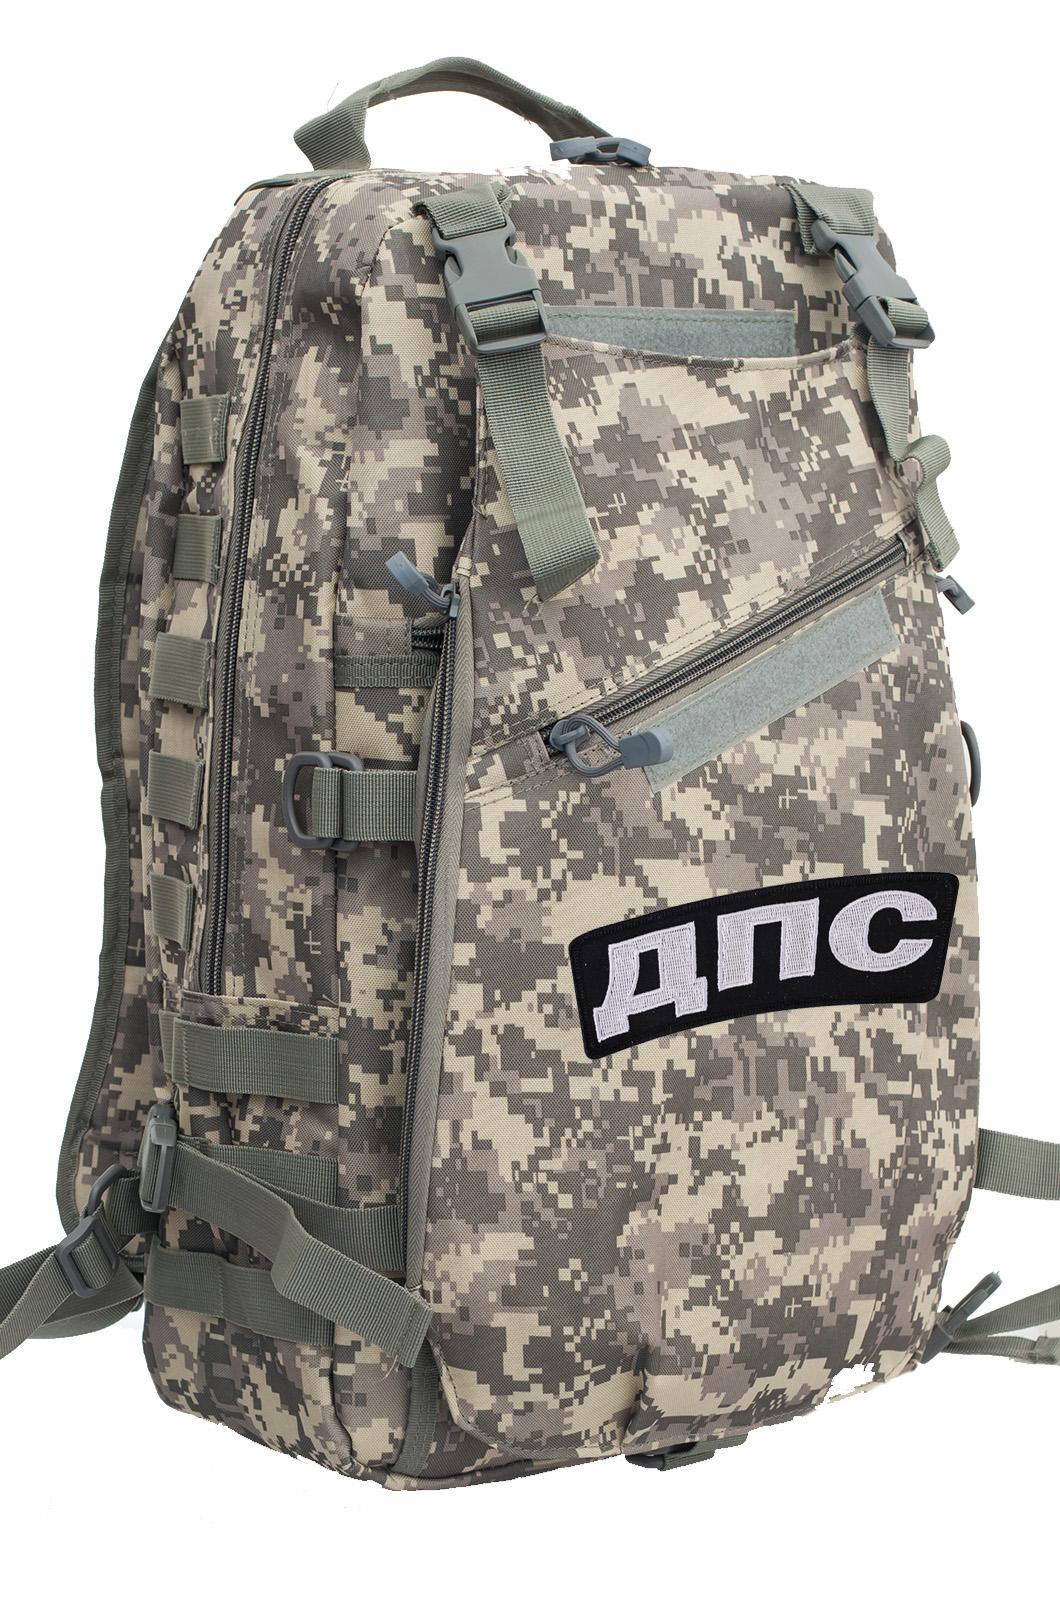 Тактический камуфляжный рюкзак с нашивкой ДПС - заказать оптом